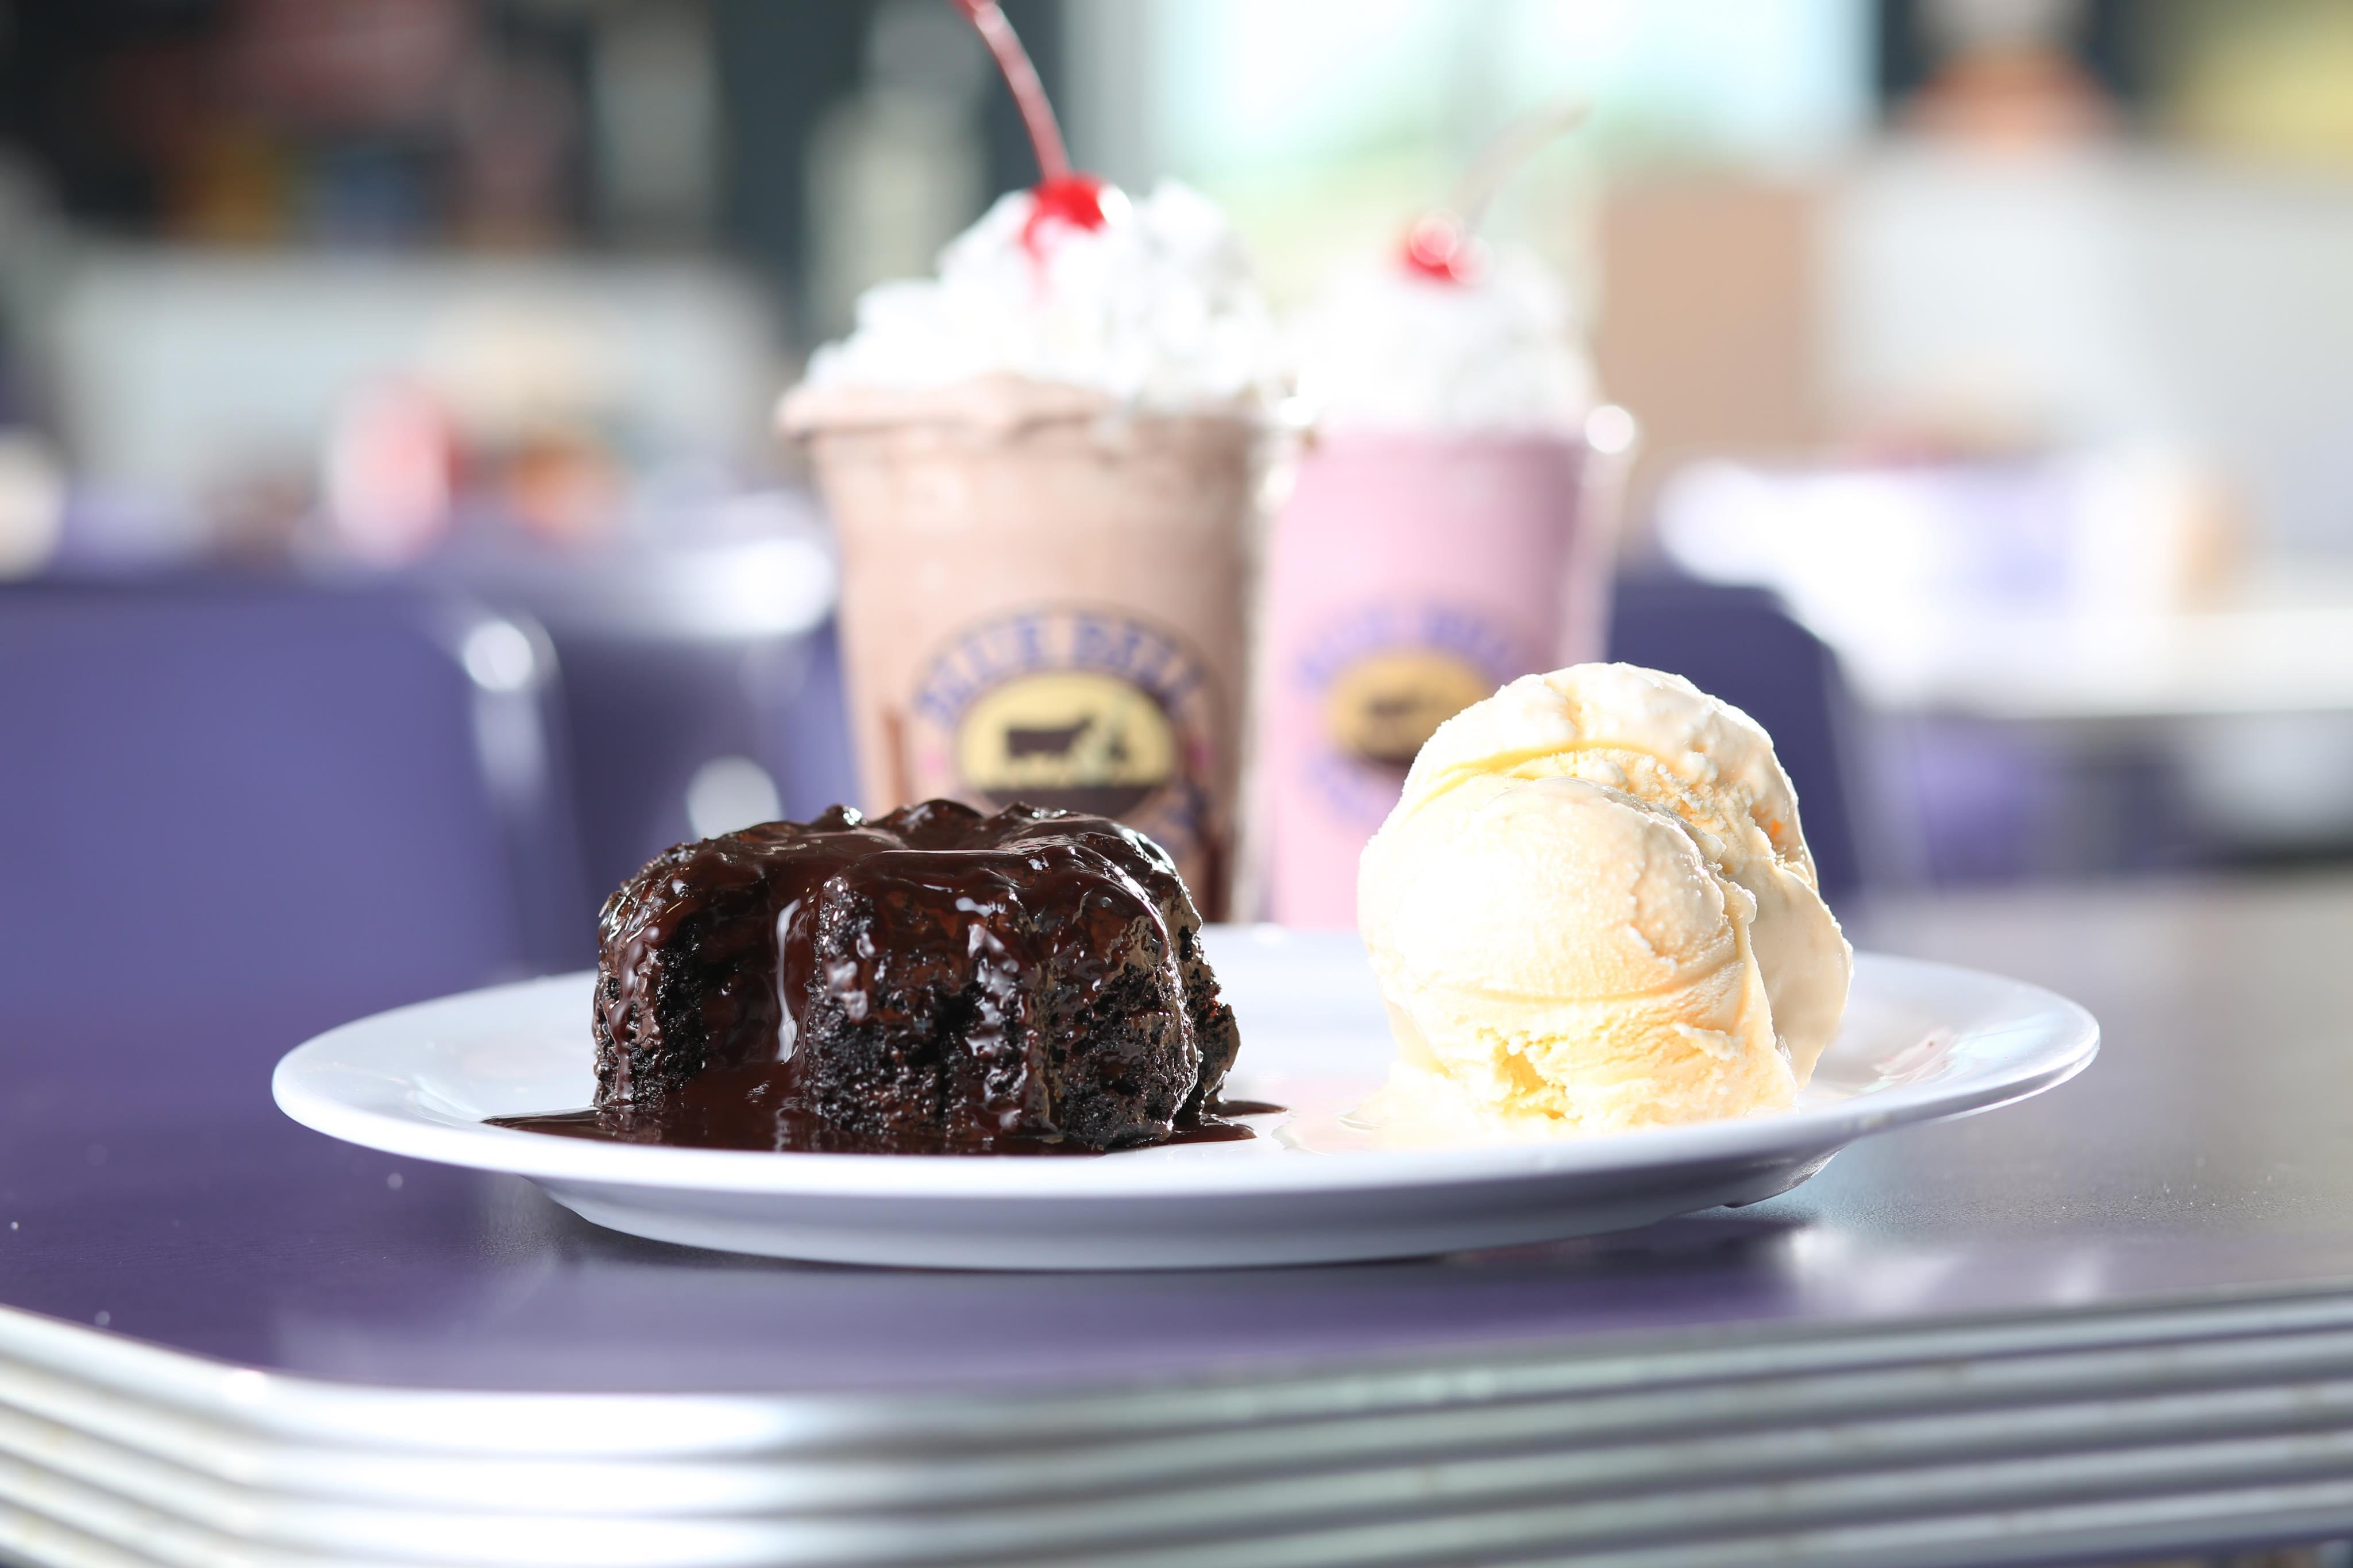 Heff's Ice Cream & Cake